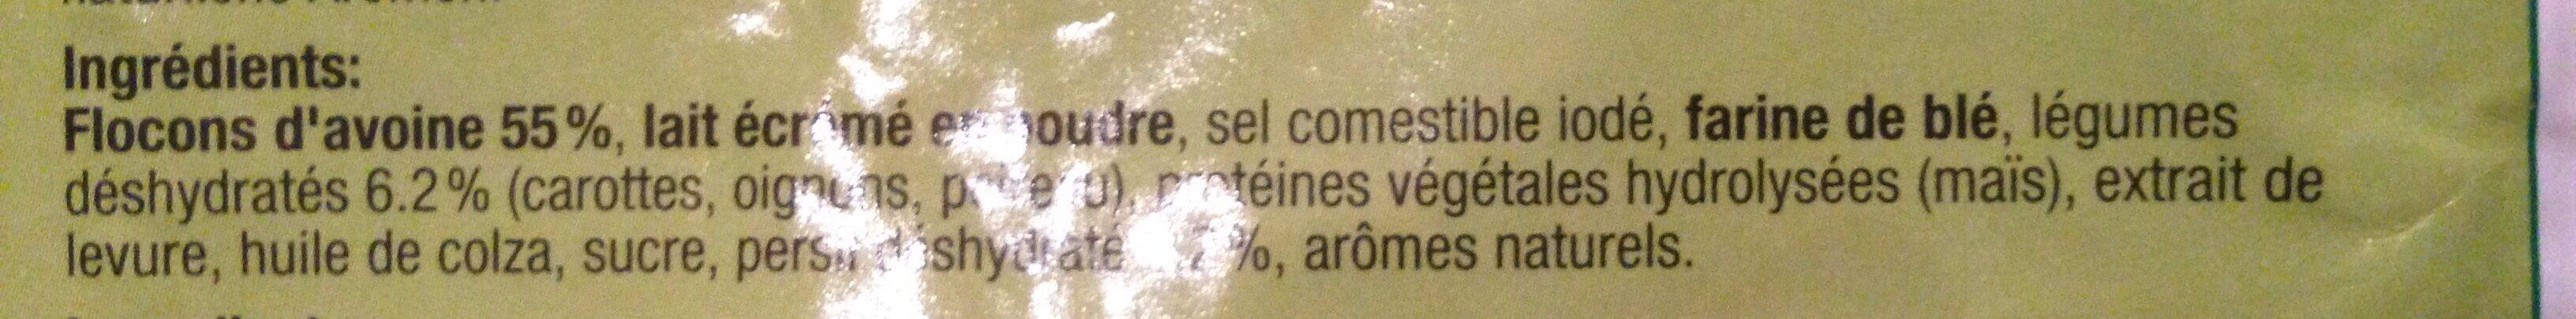 Potage cœur d'avoine - Ingrediënten